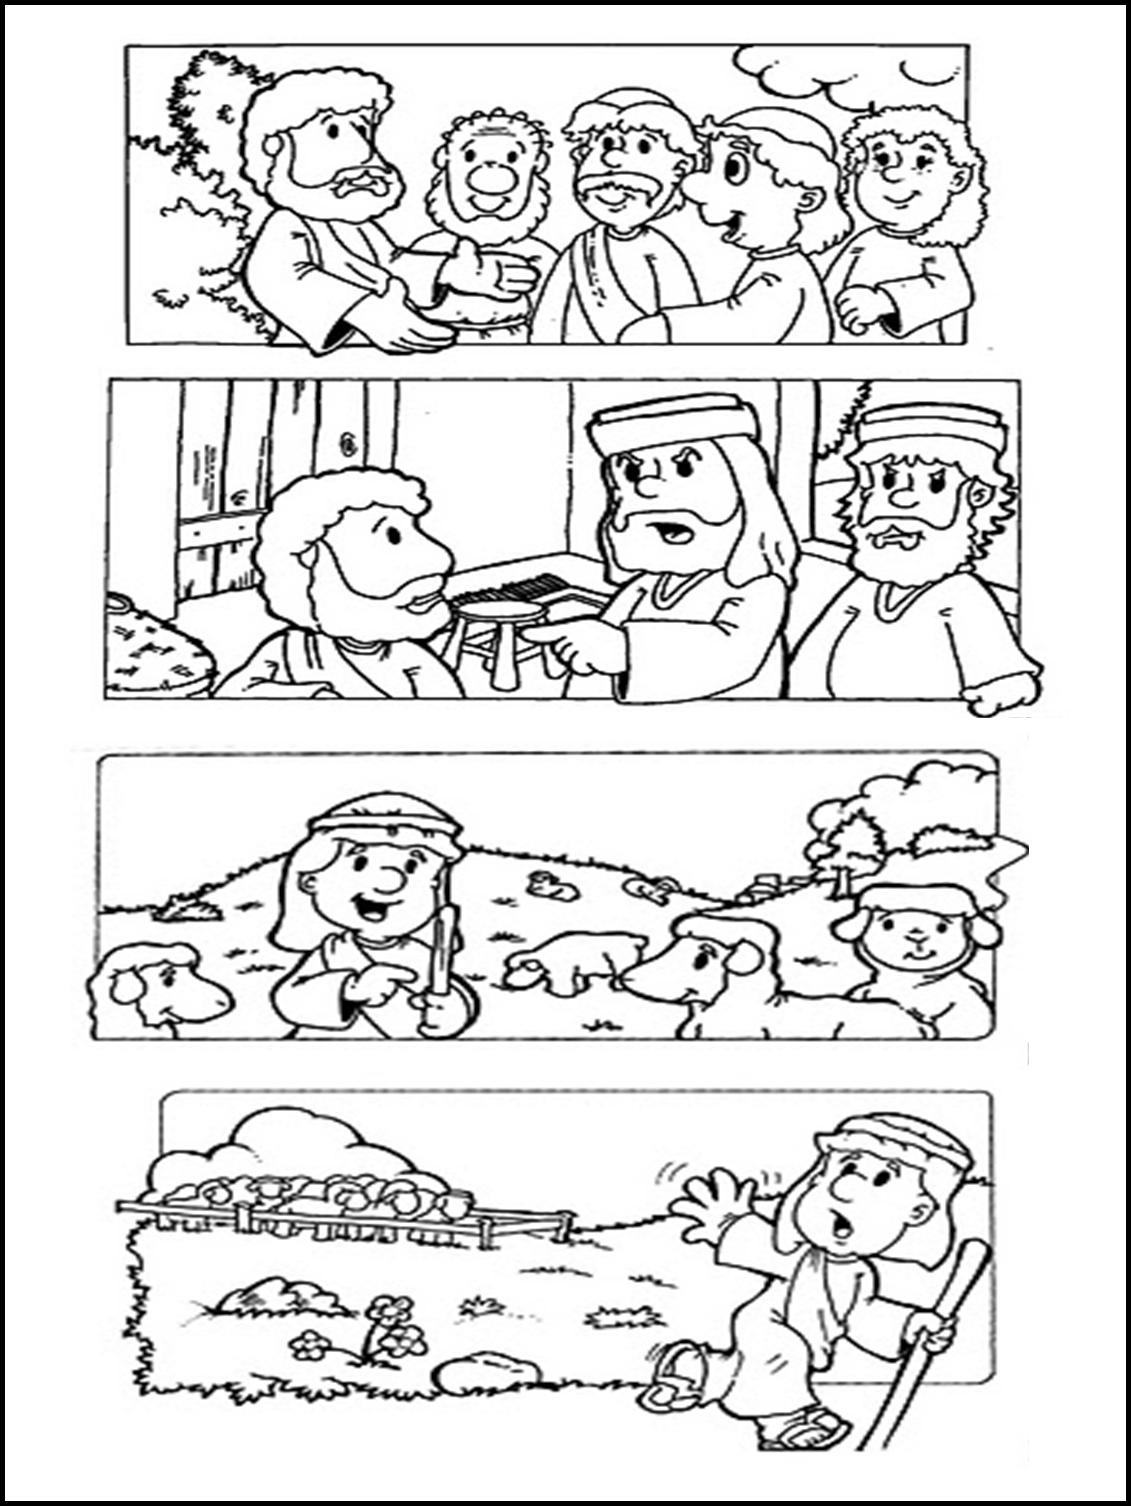 Dibujos Para Colorear De La Parabola De La Oveja Perdida